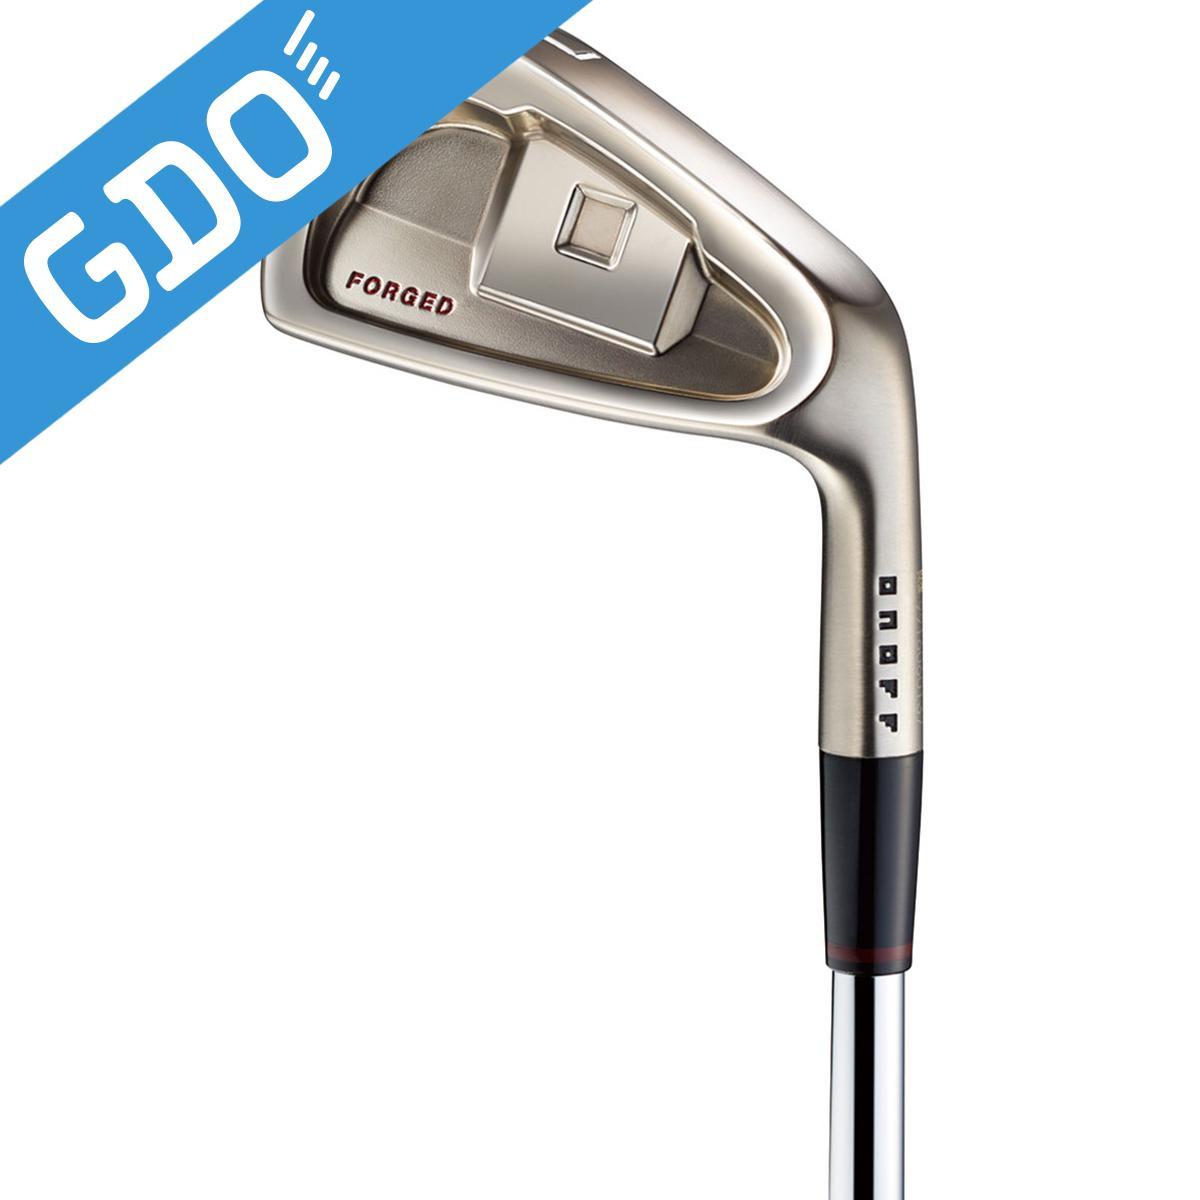 オノフ KURO オノフ フォージドアイアン(単品)KURO N.S.PRO MODUS3 TOUR 105 シャフト:N.S.PRO MODUS3 TOUR 105[ゴルフ用品 ゴルフ ボール ゴルフボール golf gdo ギフト 通販 ]